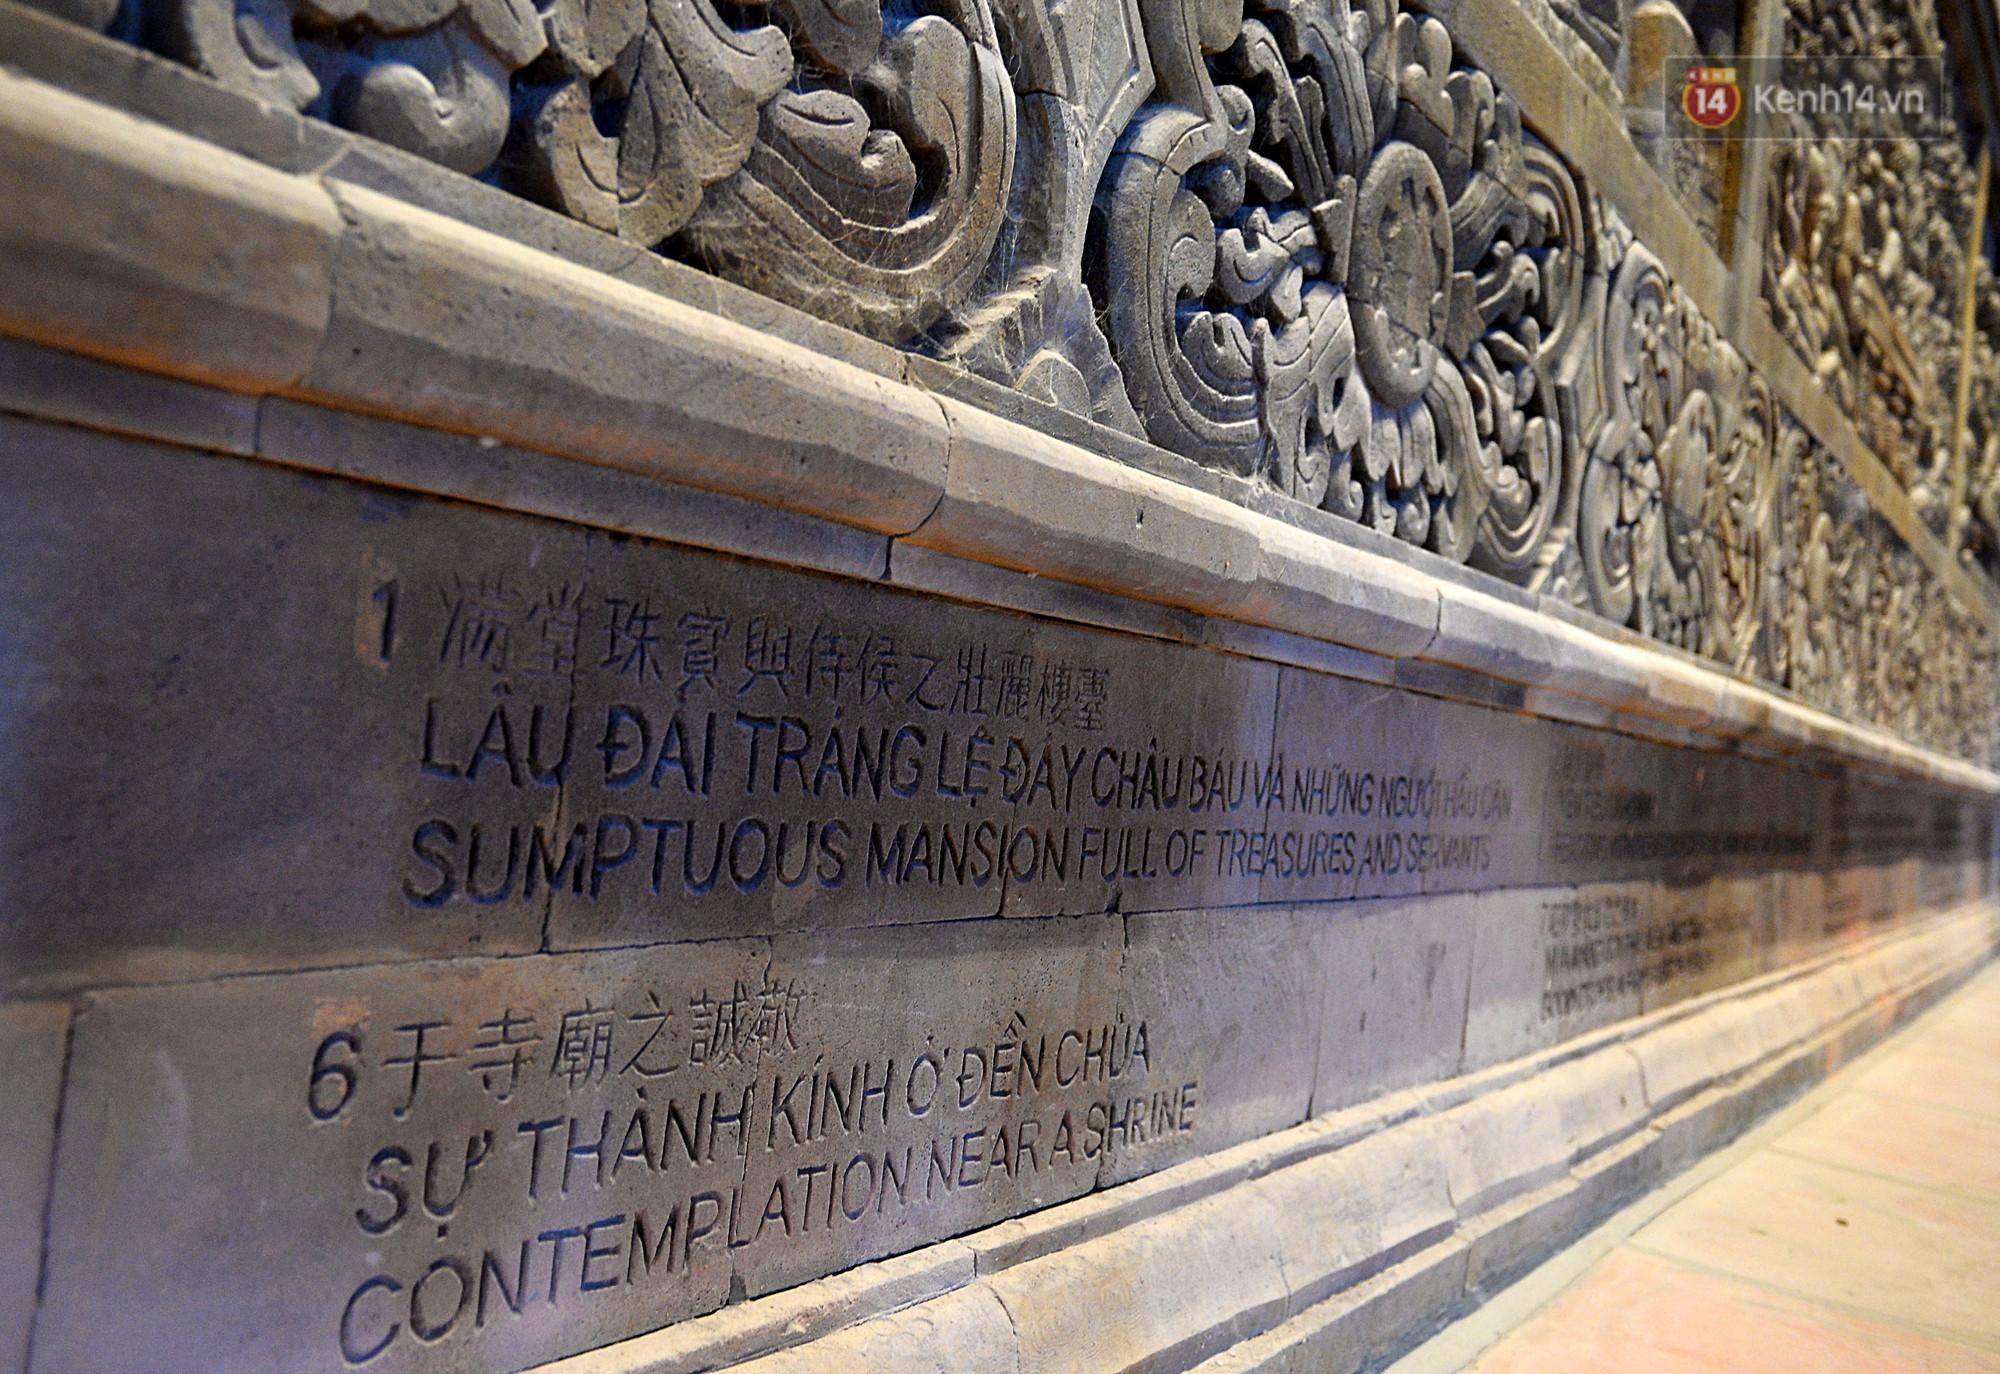 Phía chân tường đều có những dòng chú thích cho những bức tranh đặc biệt này bằng 3 thứ tiếng.